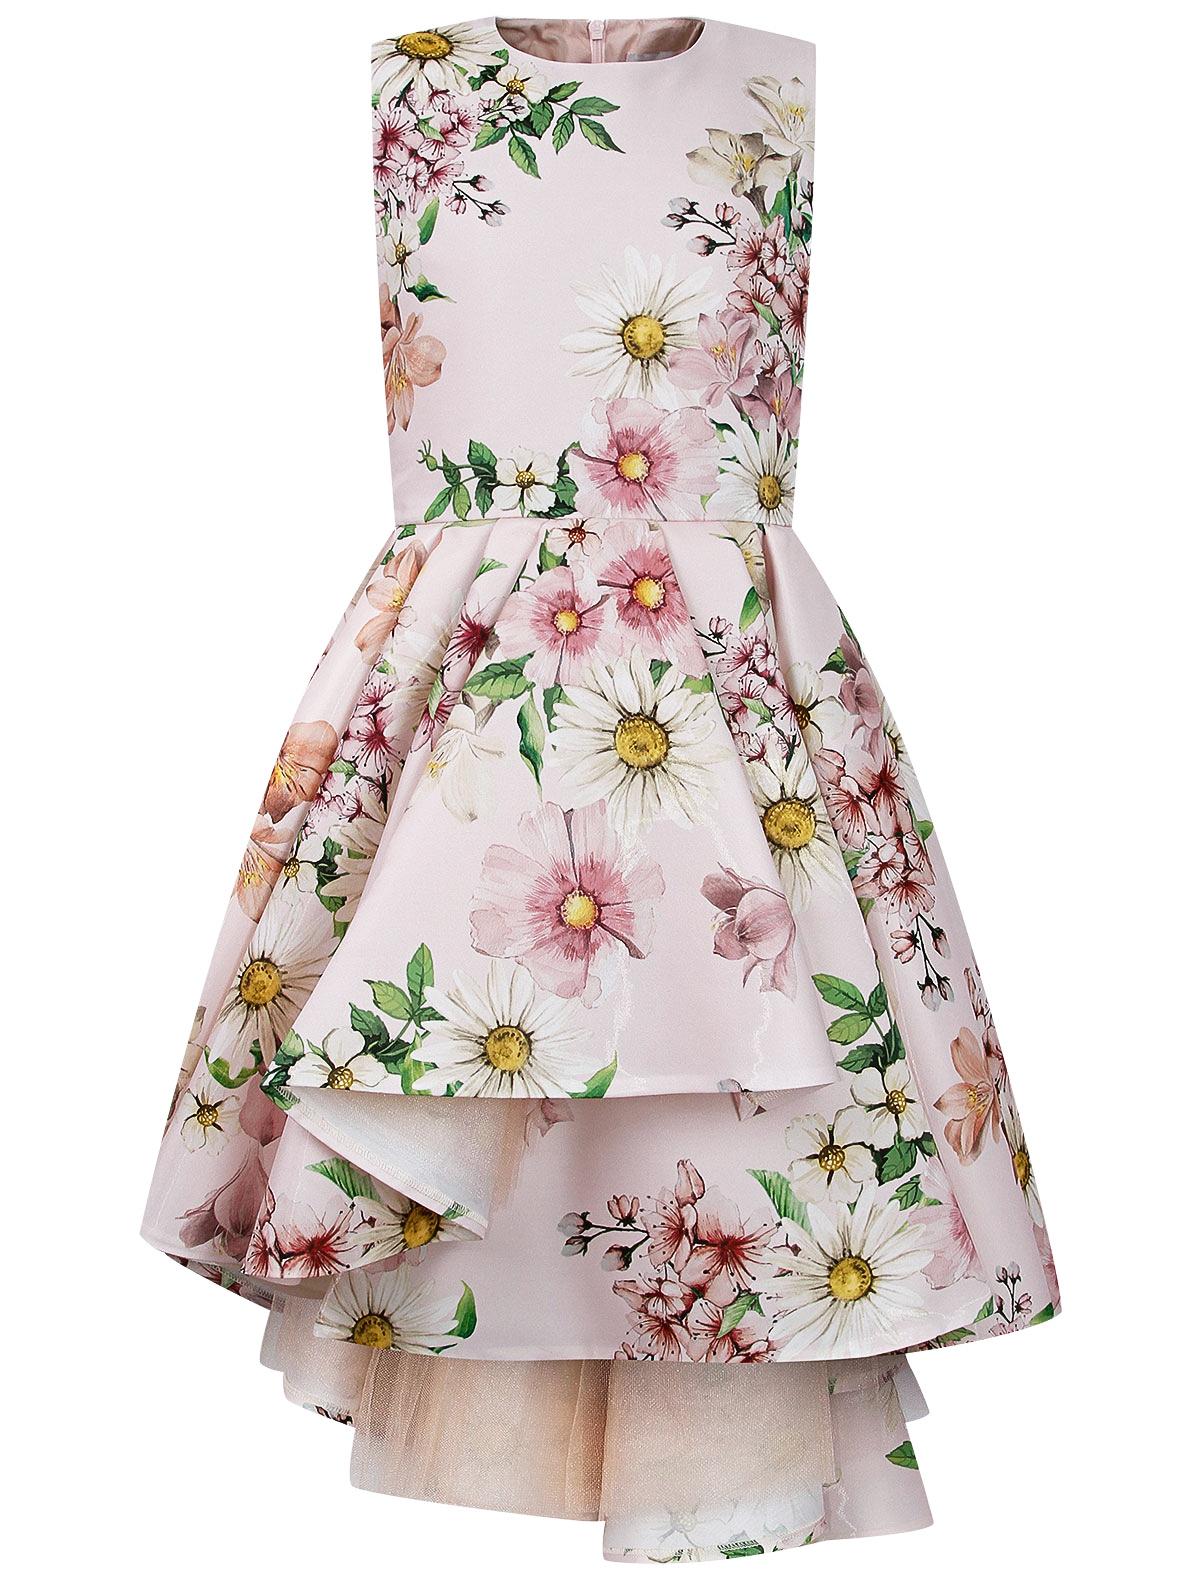 Купить 2291083, Платье EIRENE, розовый, Женский, 1054509179278